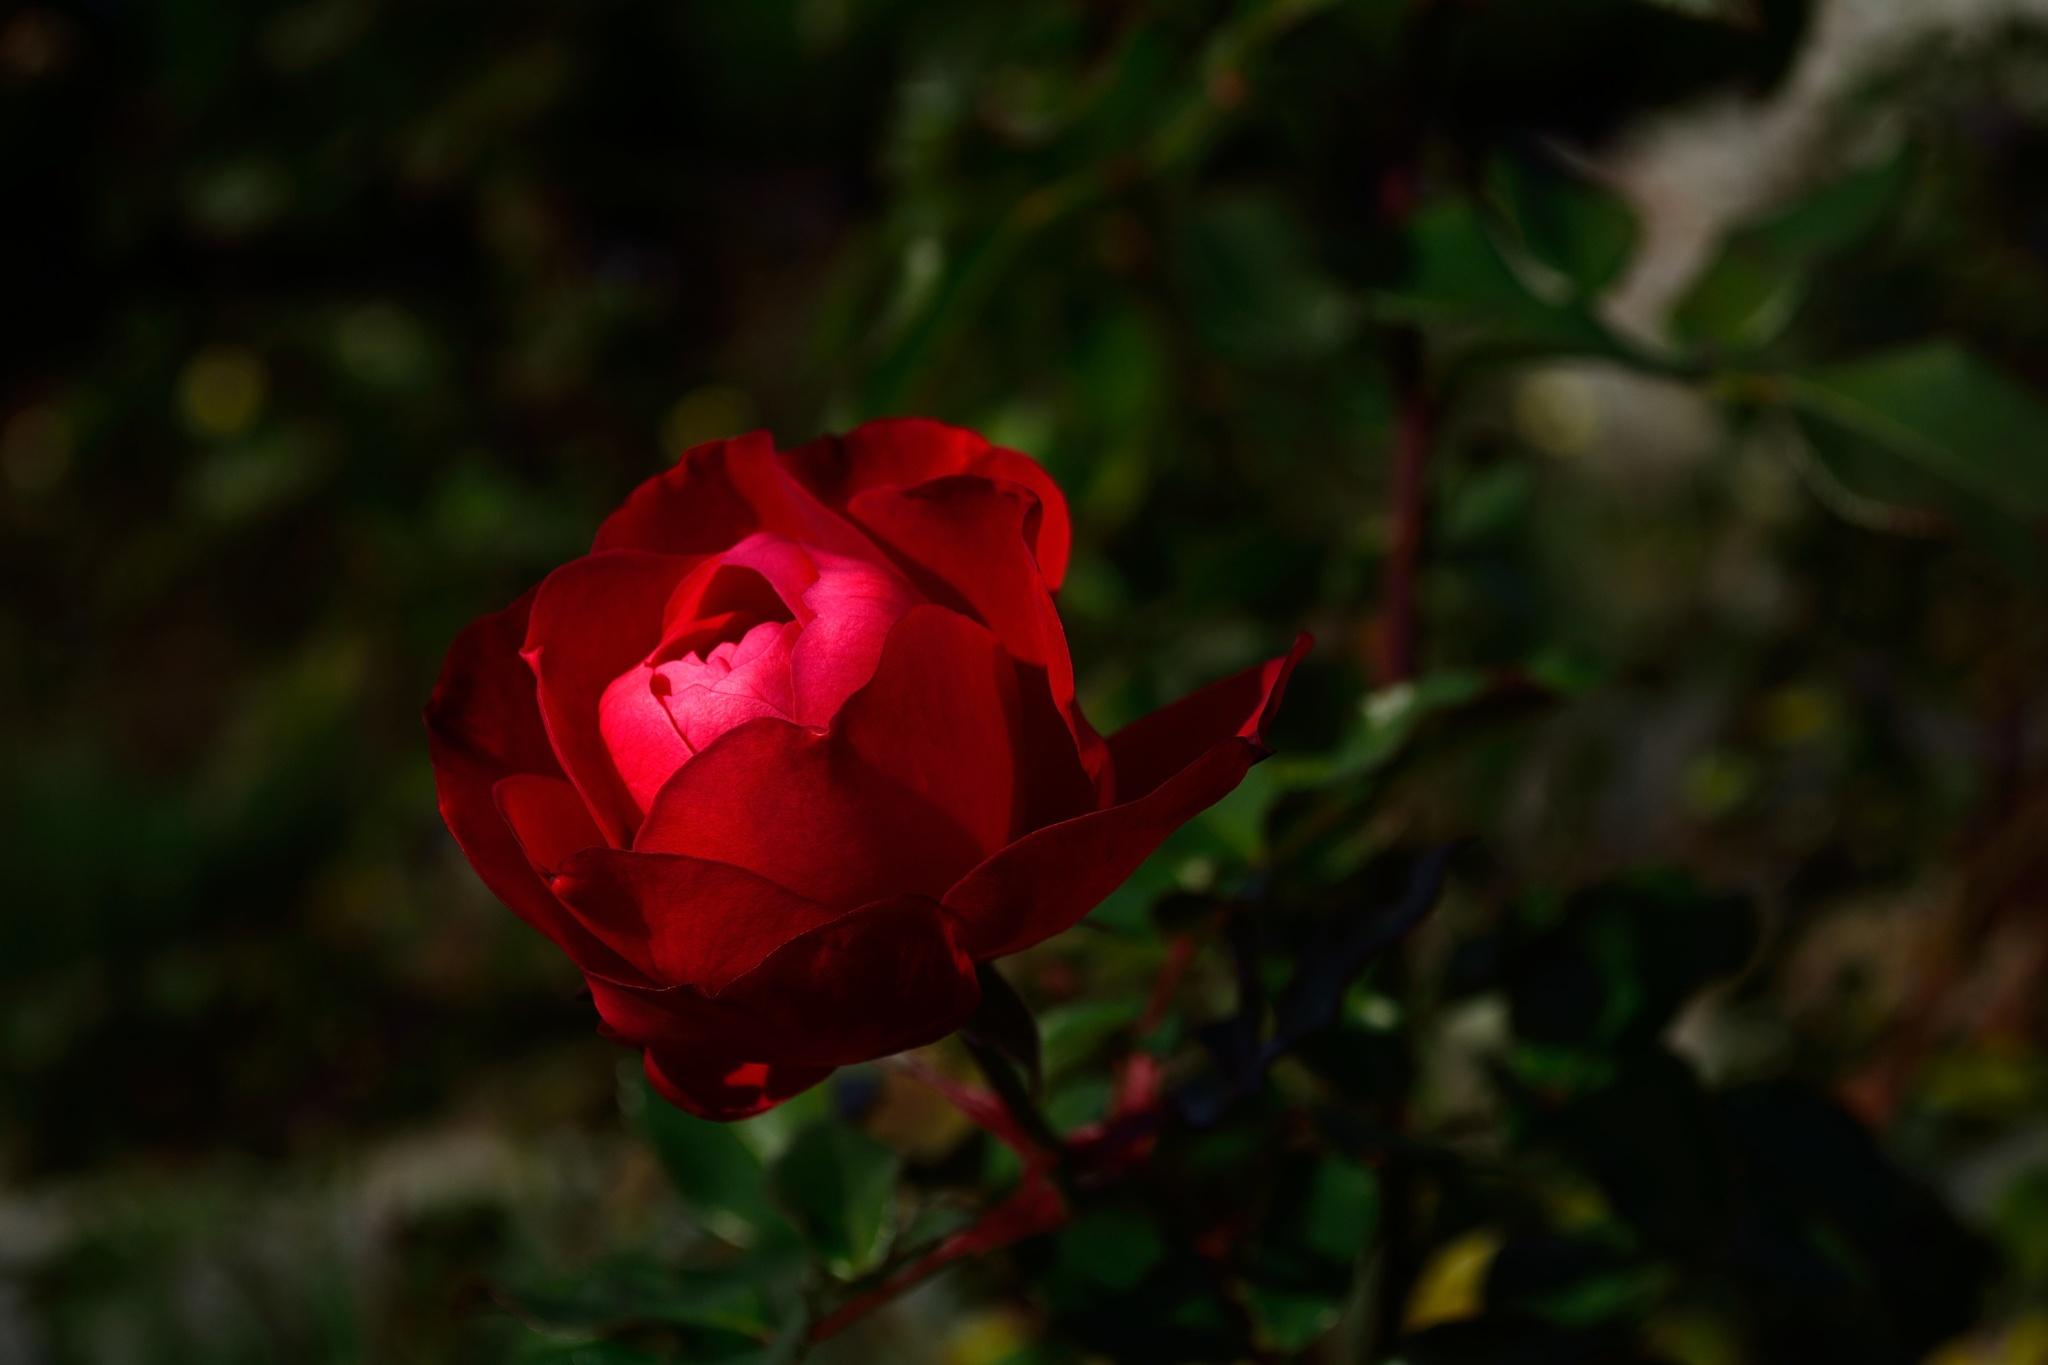 red rose in December by Hiroaki Hattori